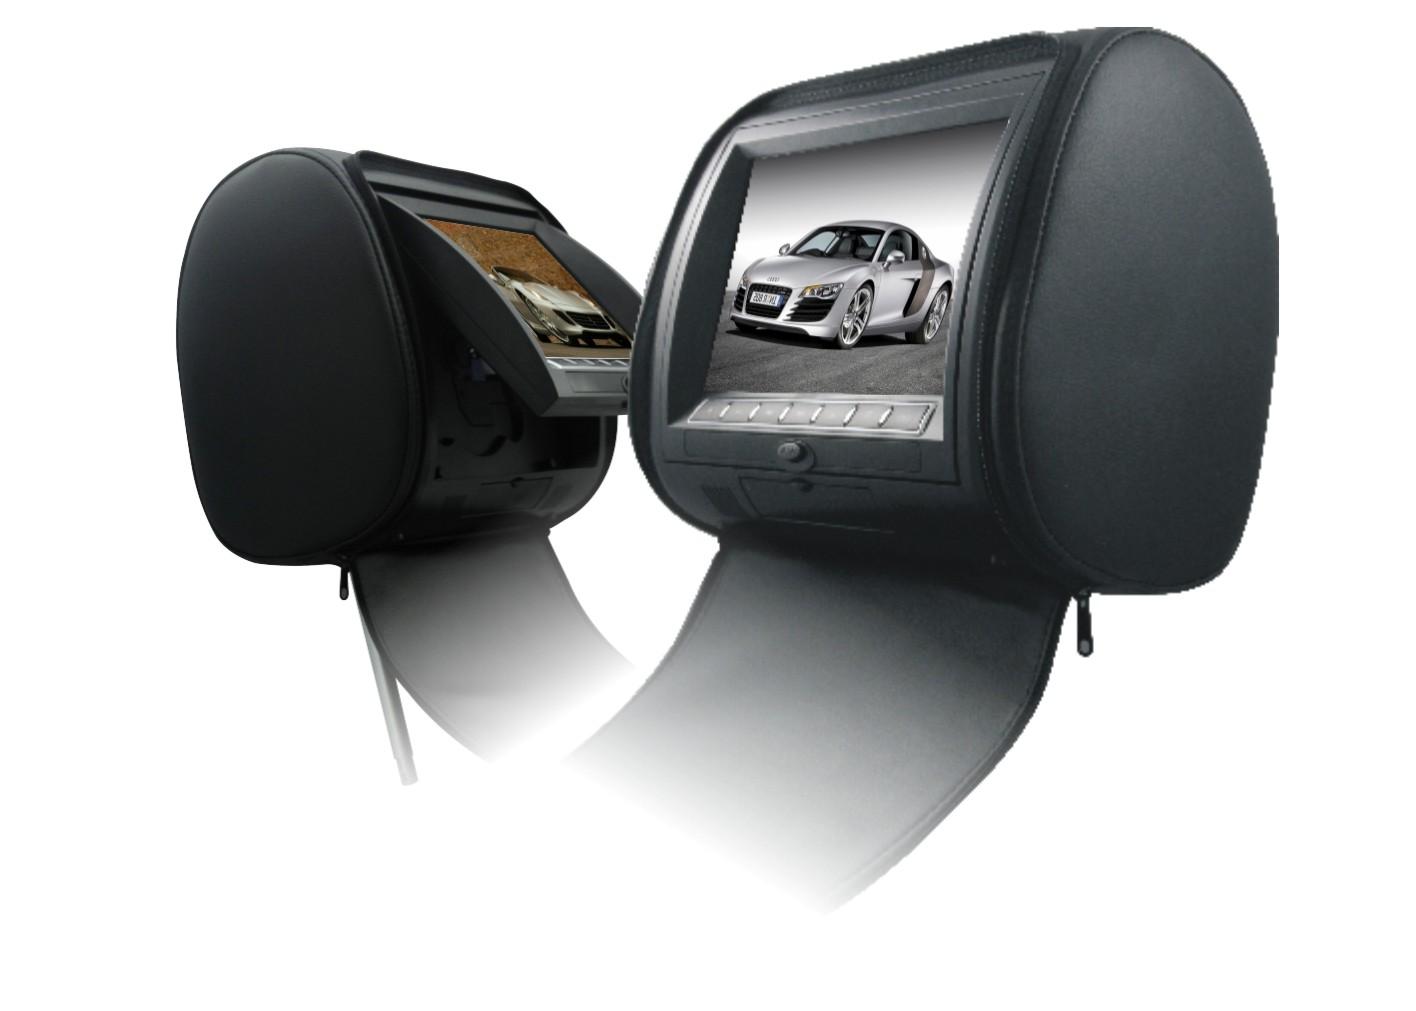 Подголовник с монитором 9 и встроенным DVD плеером FarCar-Z009 (Black) (+ Двухканальные наушники в подарок!)